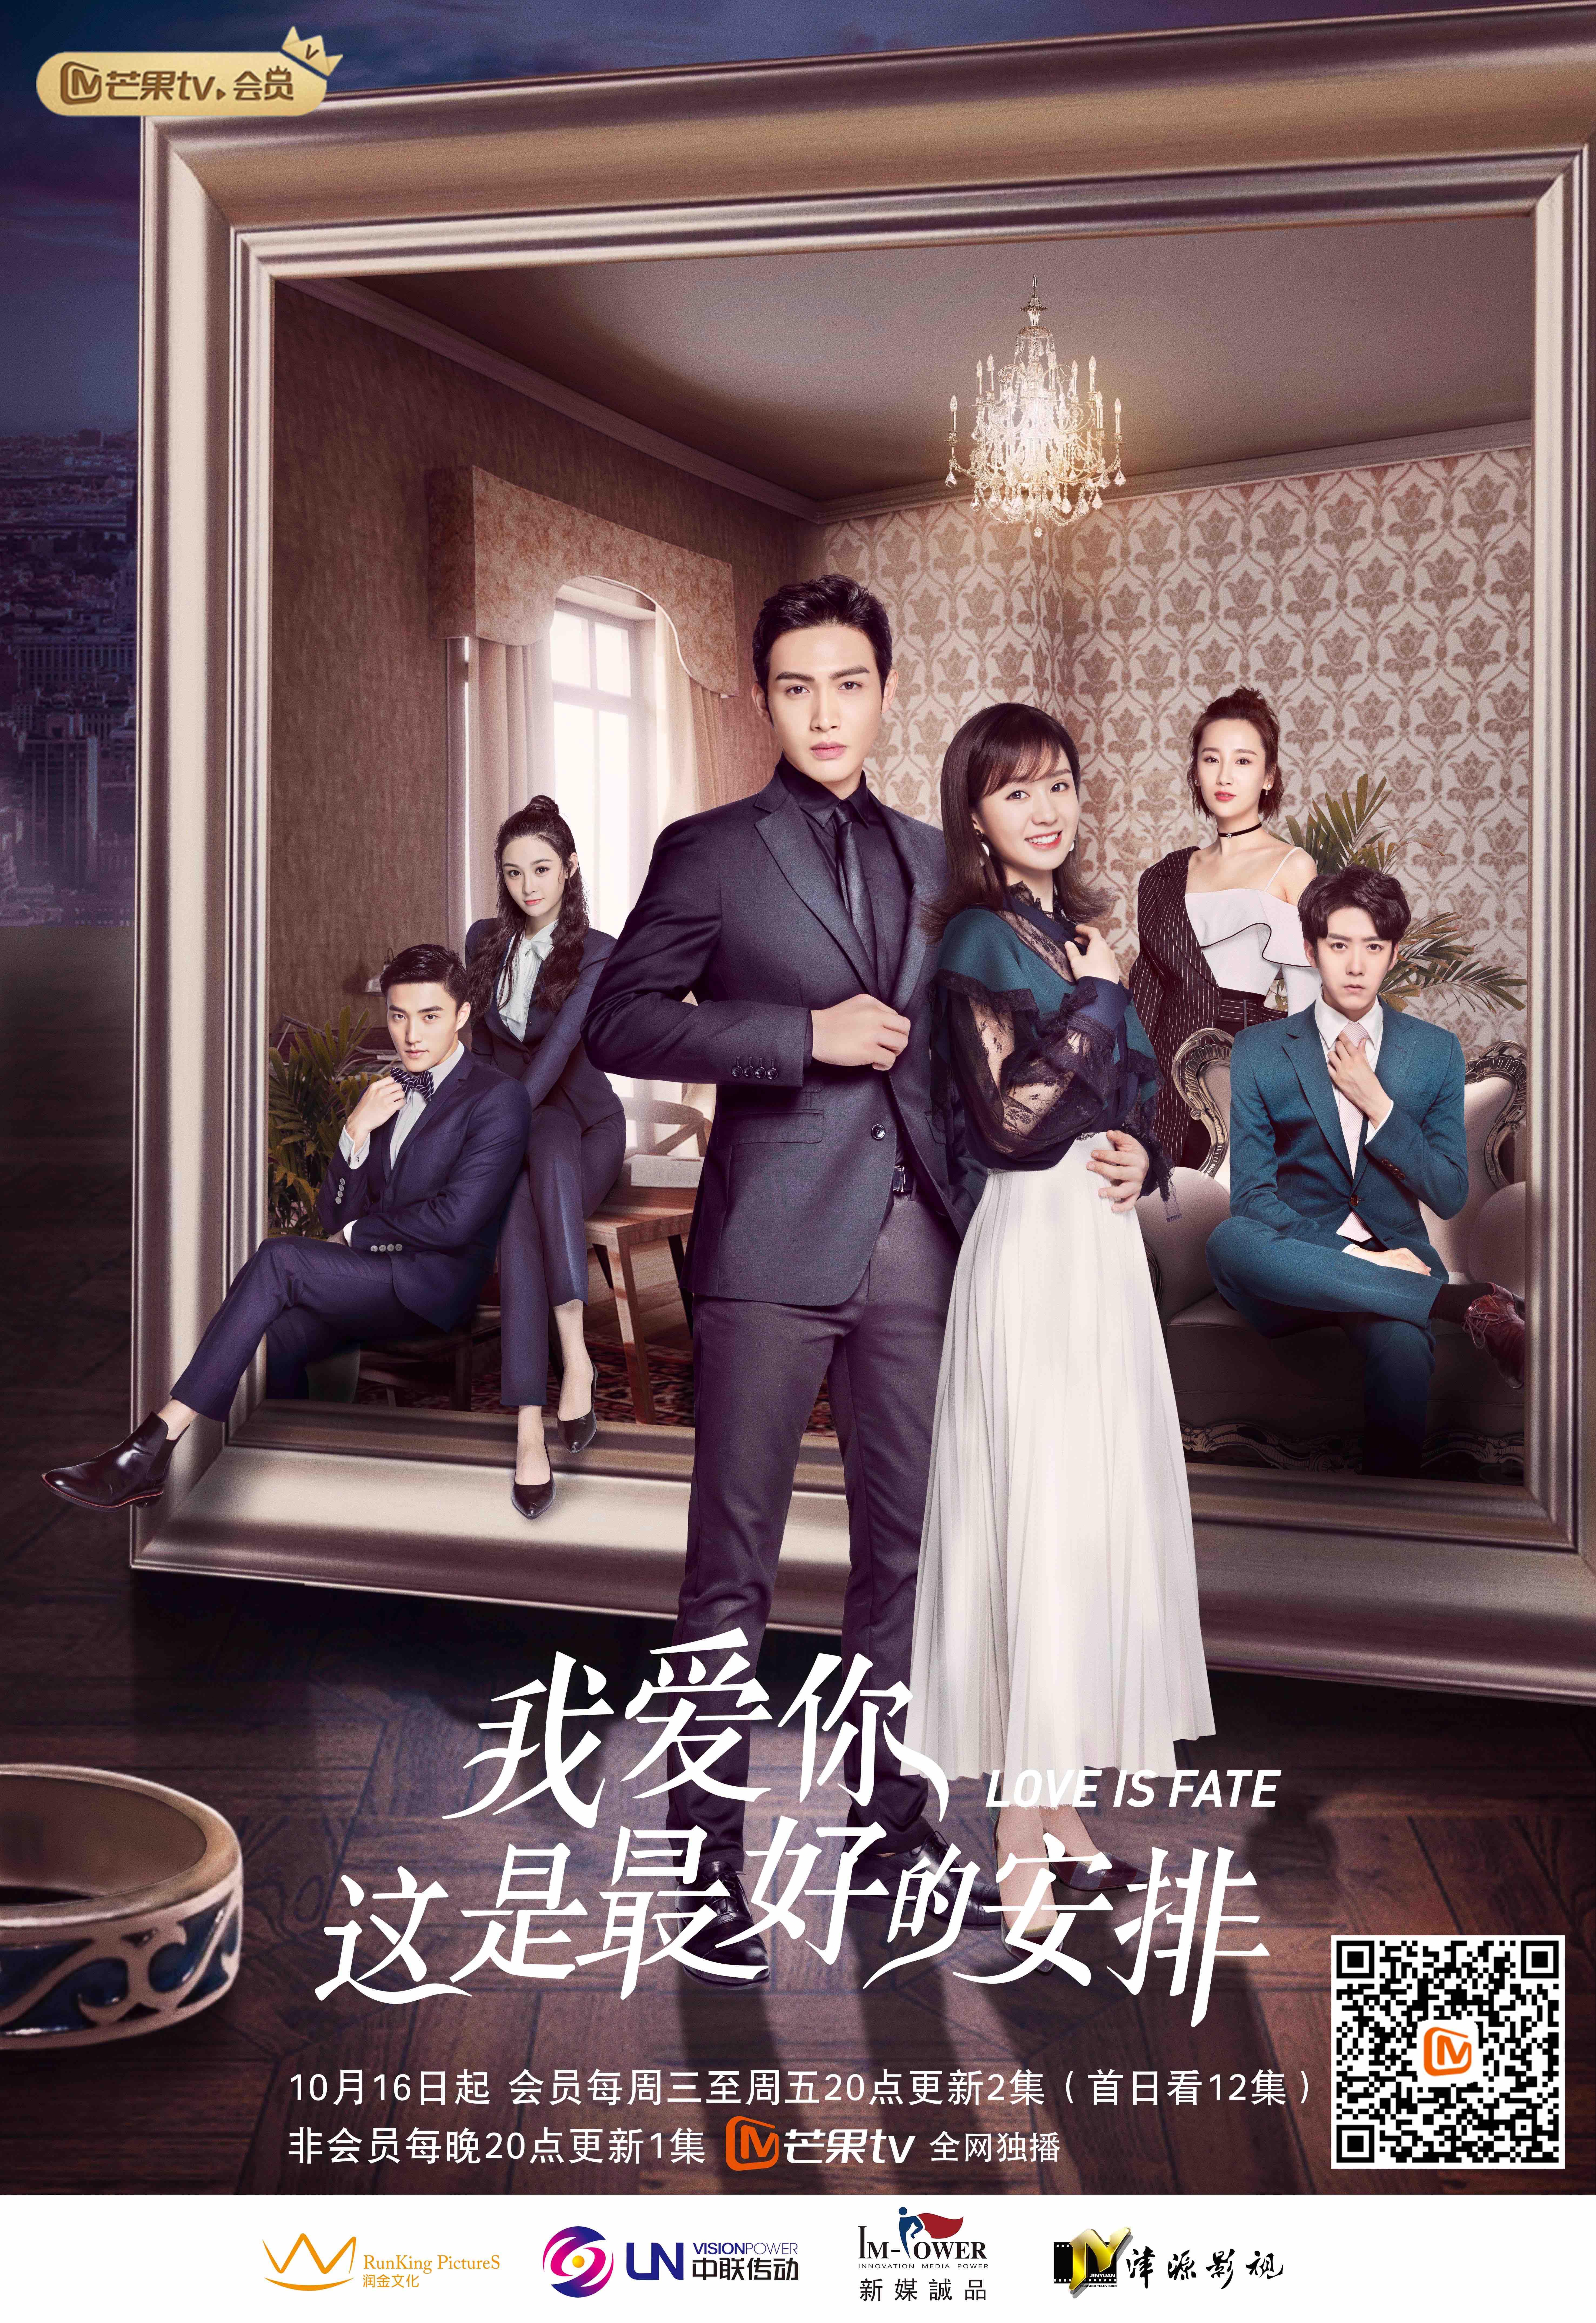 张彬彬和郑合惠子的新剧 恭喜王志飞老师获得金鸡最佳男配-2楼